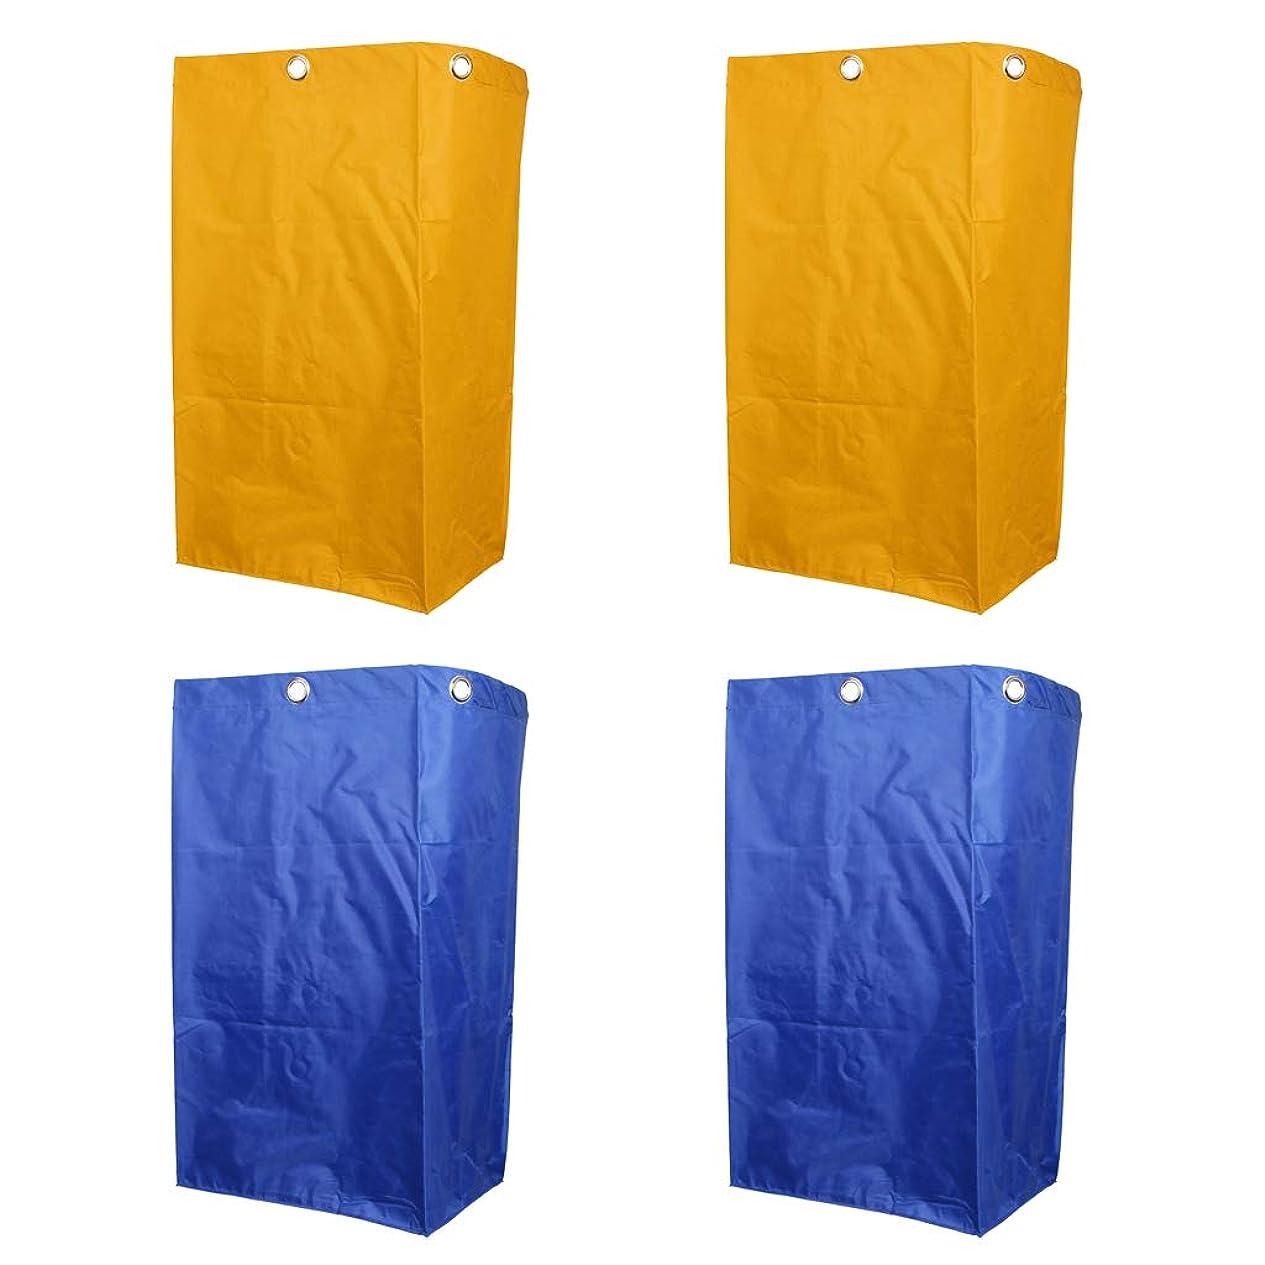 確認するダイバー失業者Perfeclan 4個セット ゴミ収納 バッグ ゴミや洗濯物収納 洗濯カート清掃カートなどに適合